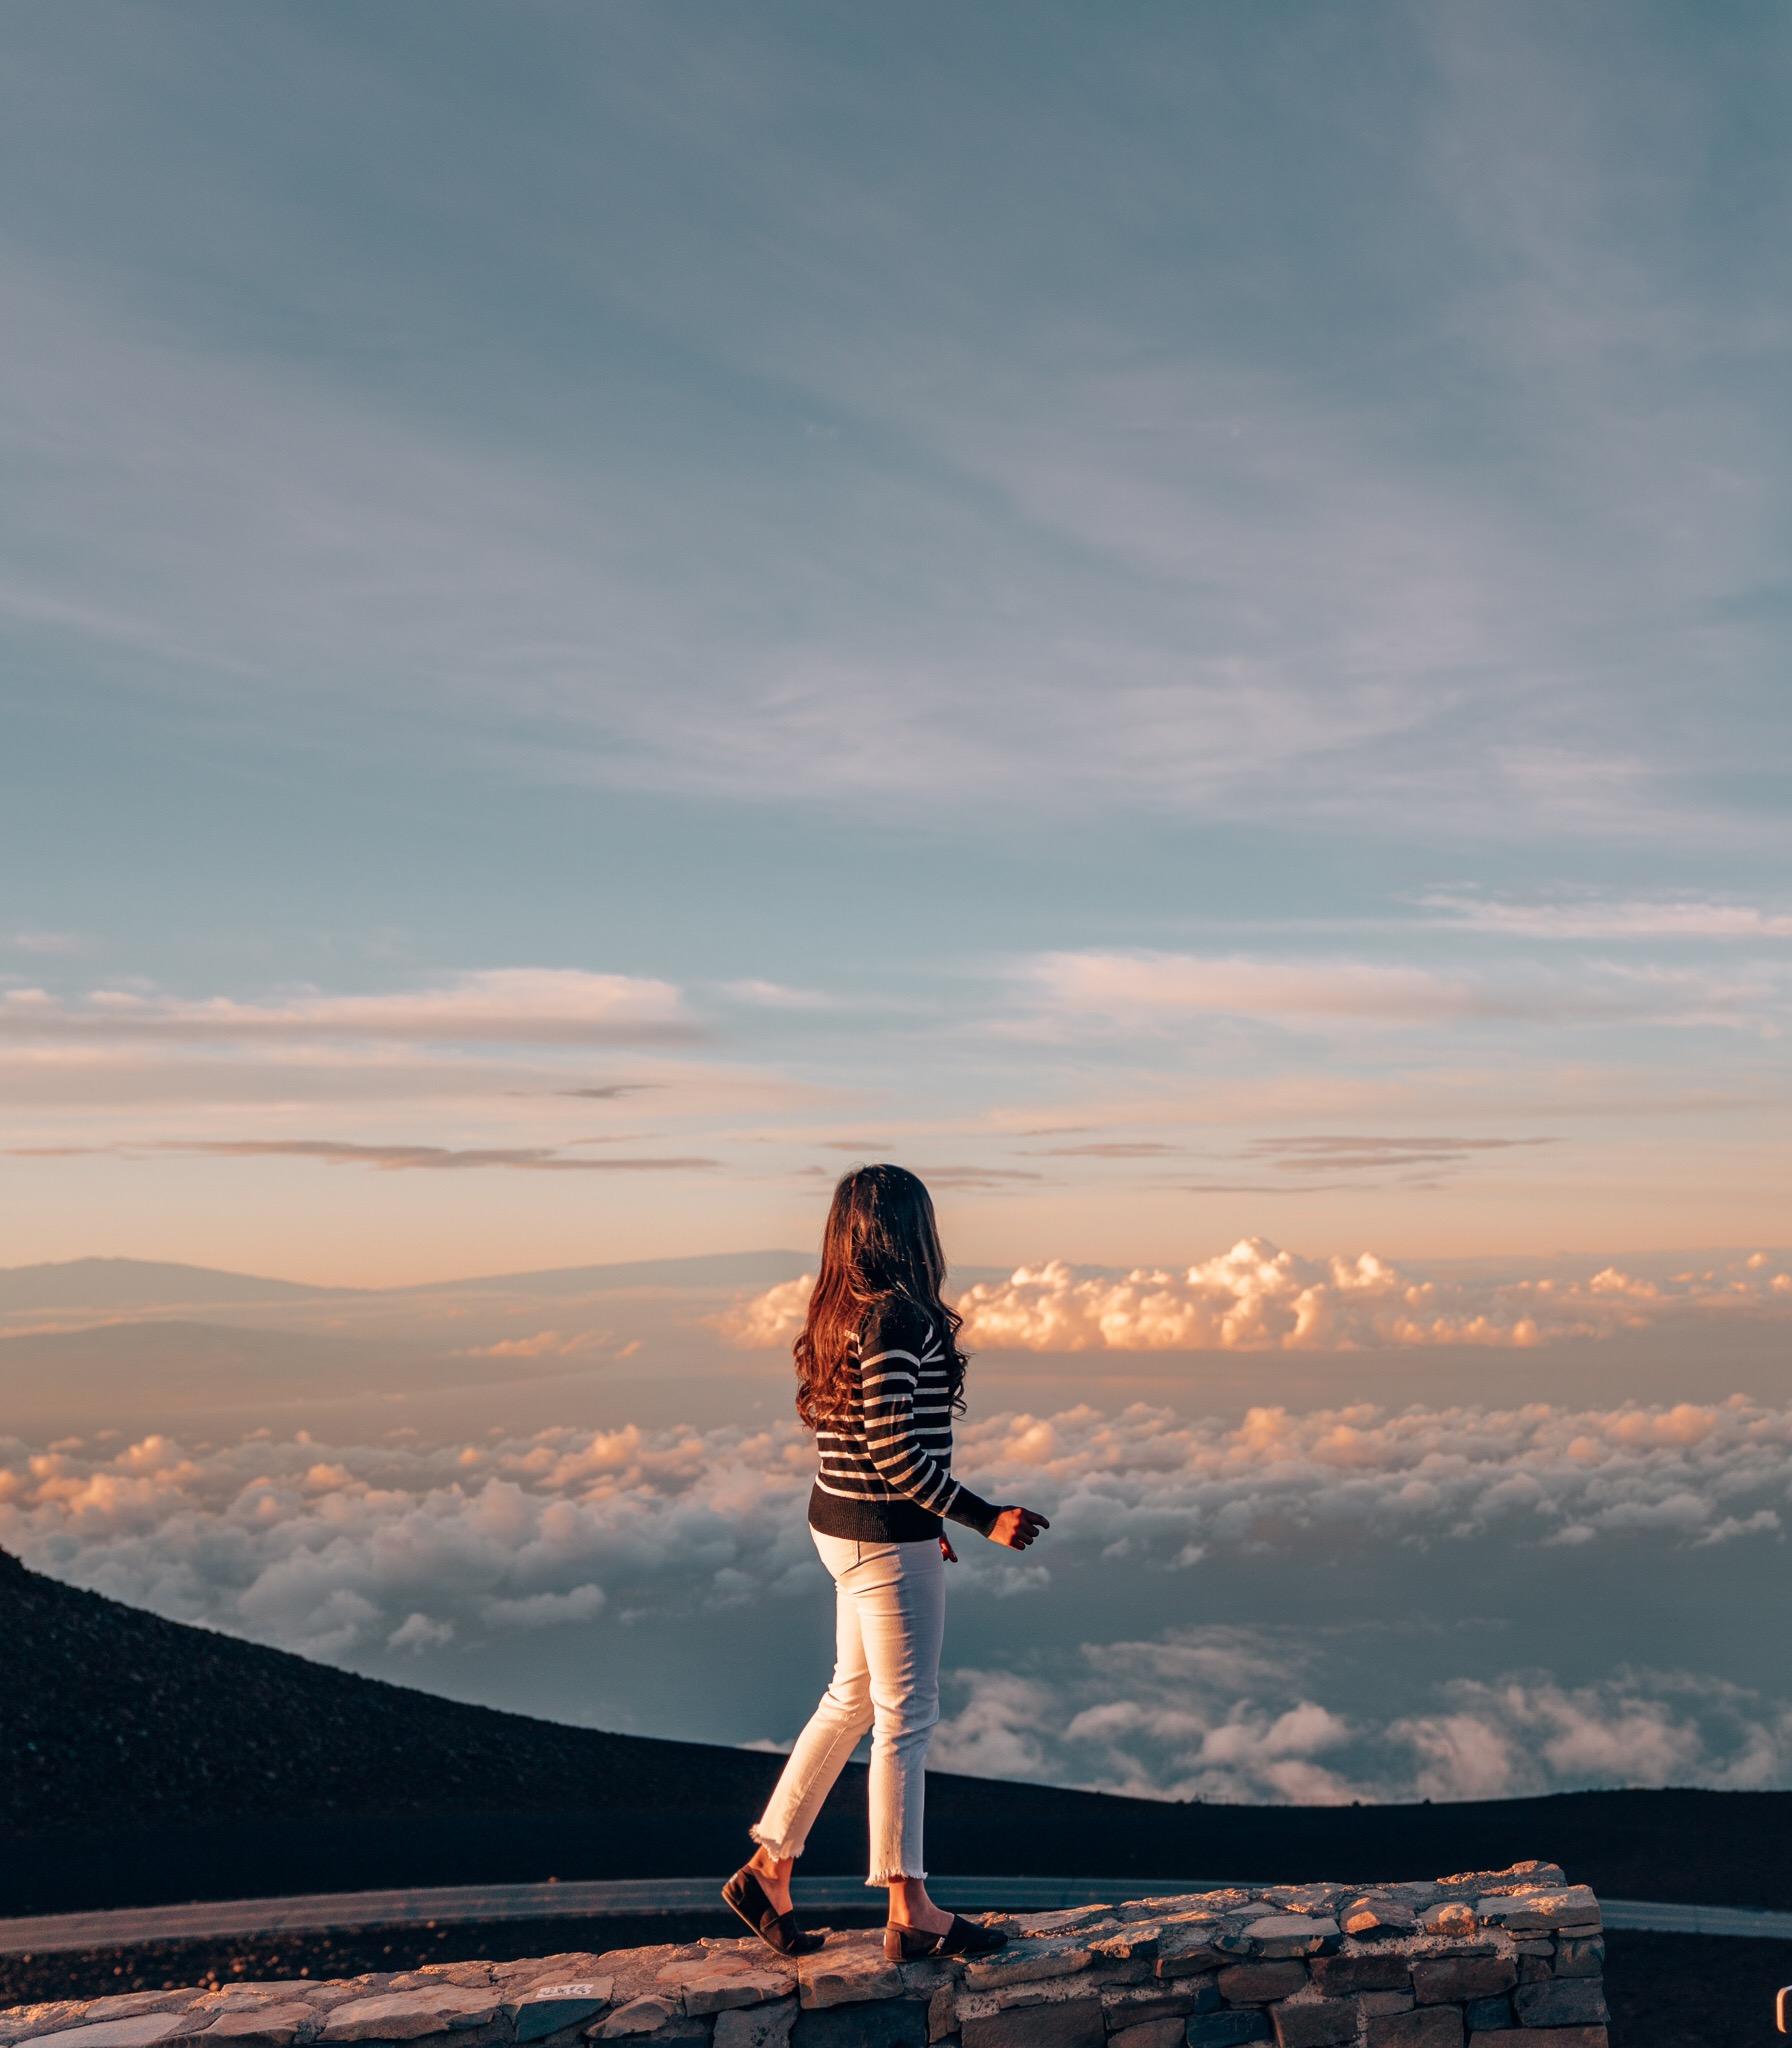 Sunrise at Mt Haleakala